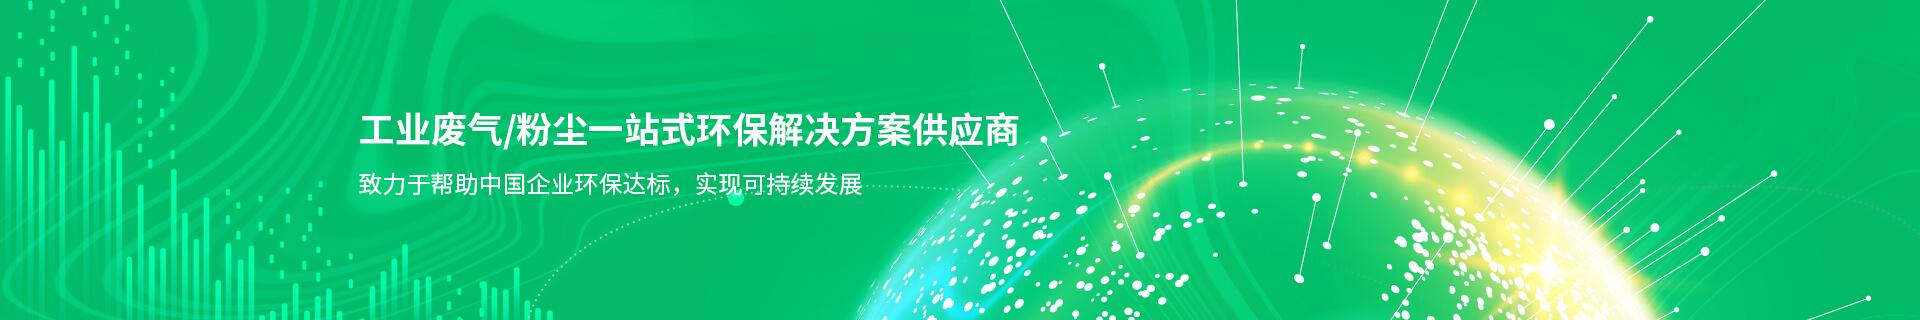 漆彩之星,工业废气,粉尘一站式环保解决方案供应商